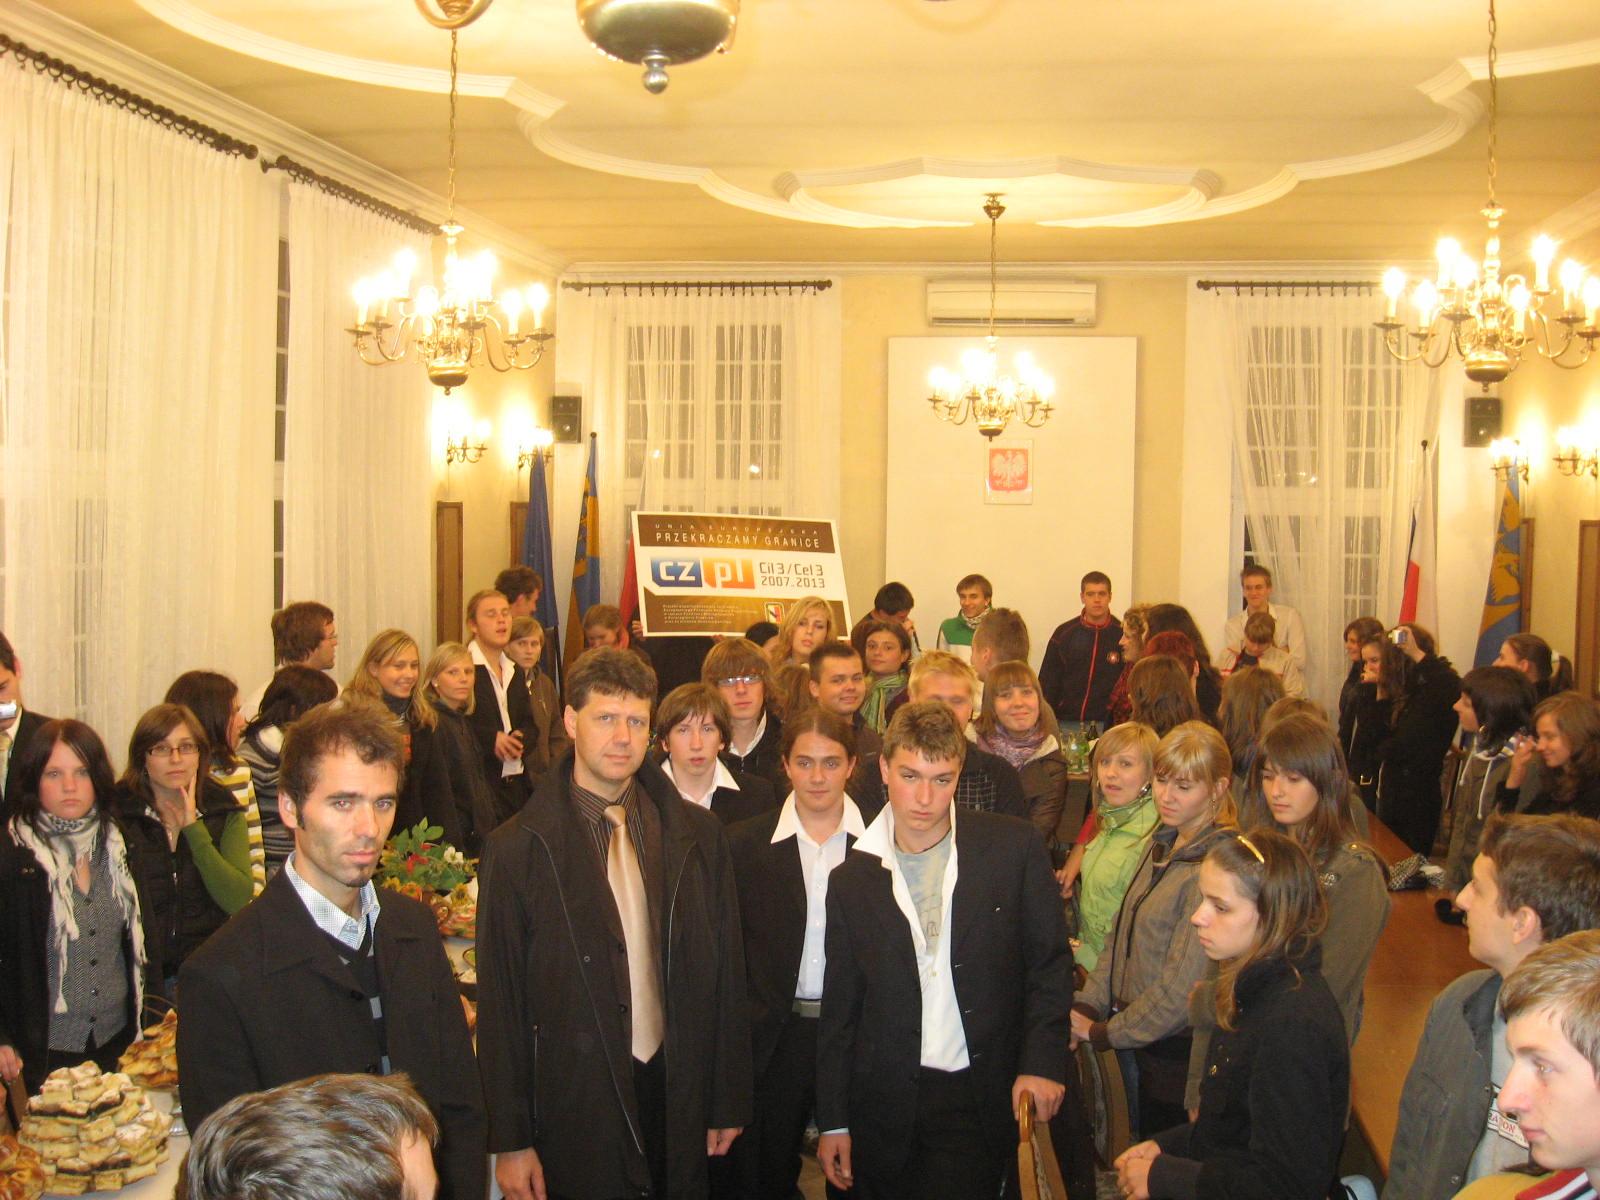 Polscy i czescy wykonawcy koncertu podczas poczęstunku